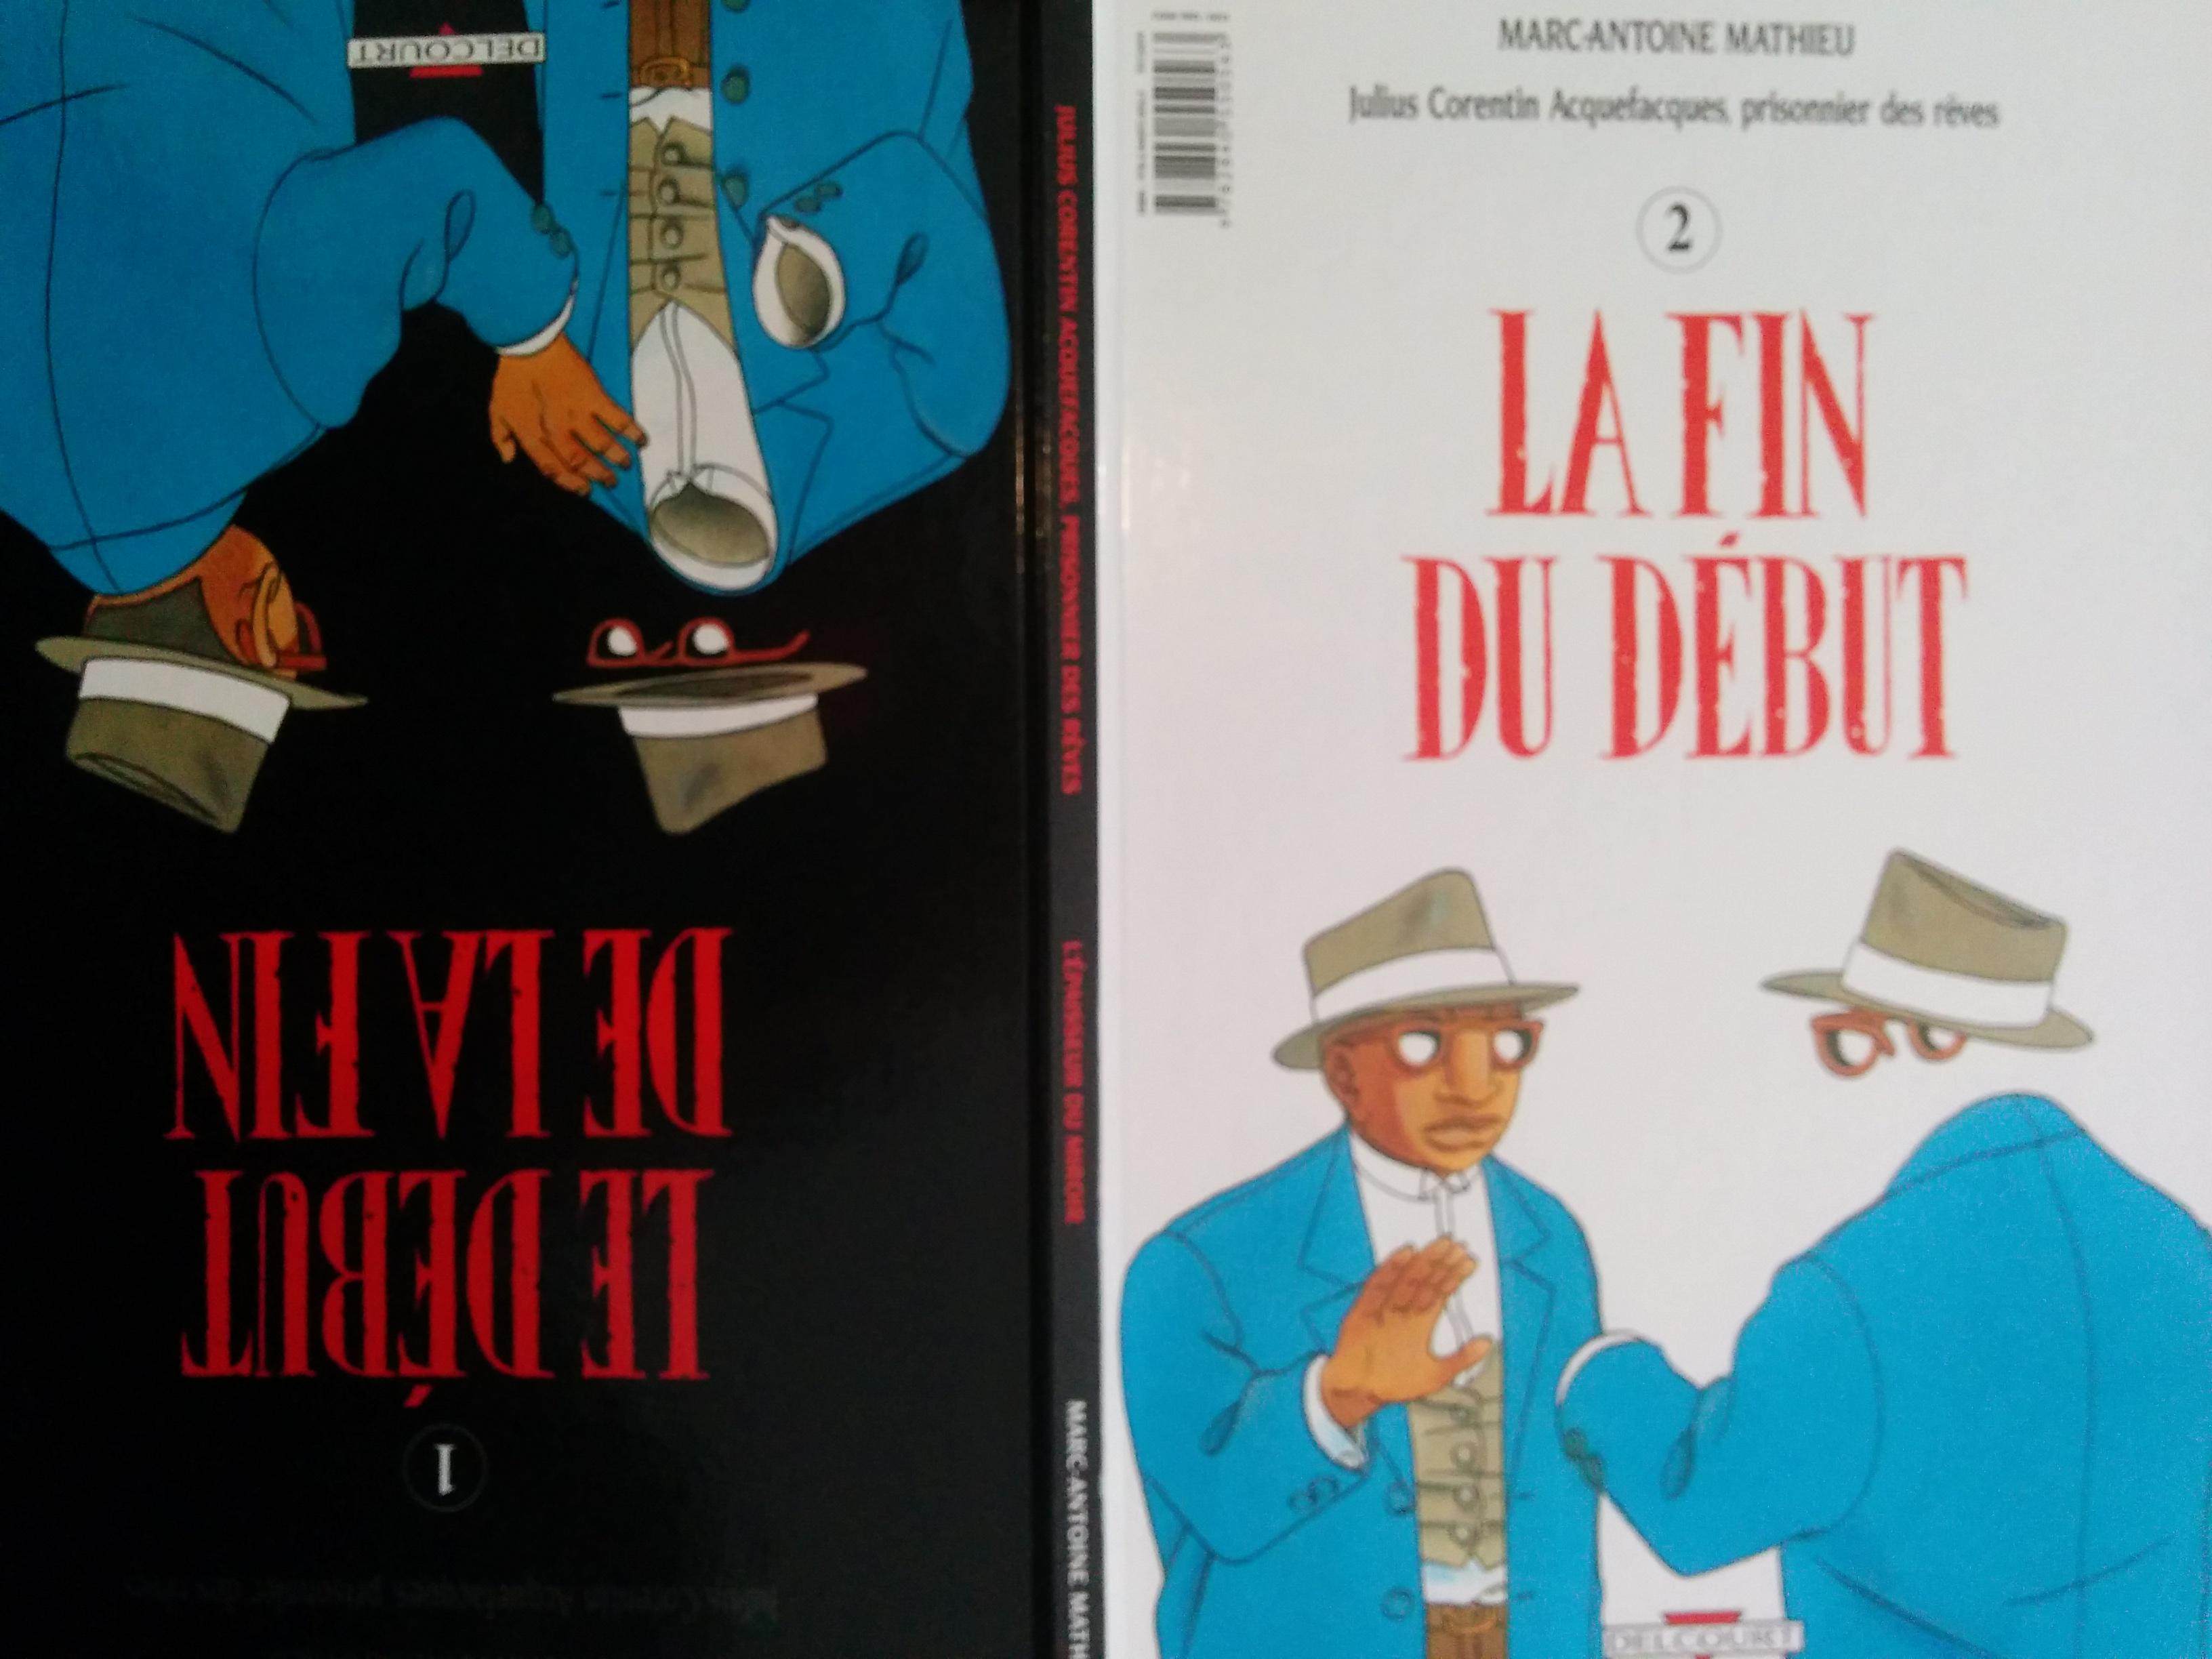 La fin du début Marc-Antoine Mathieu